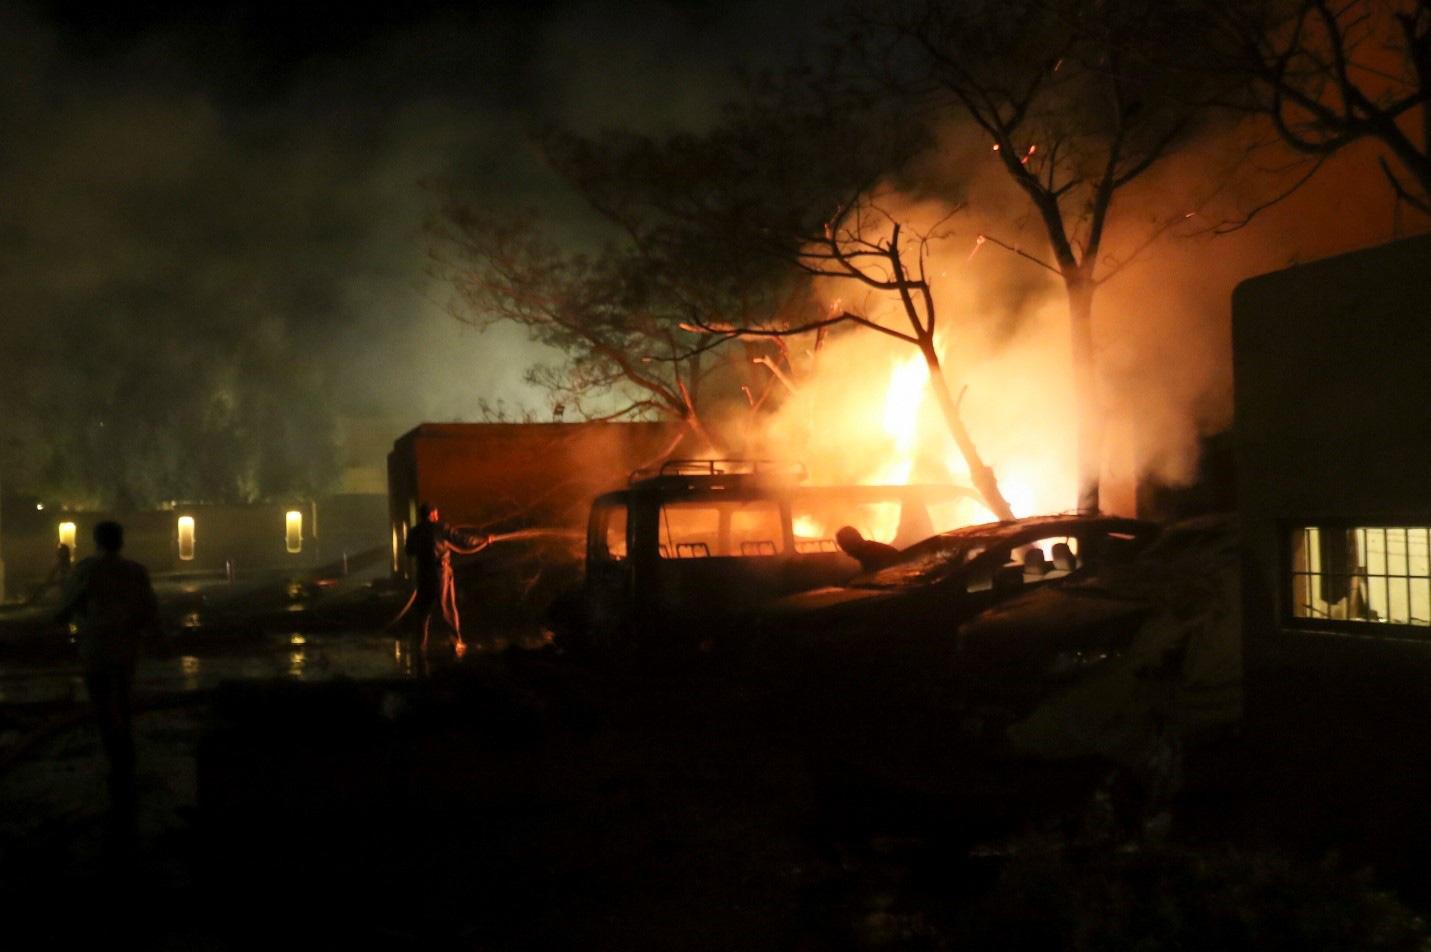 Ô tô chứa bom phát nổ tại một khách sạn phía Tây Pakistan gây nhiều thương vong - Ảnh 3.